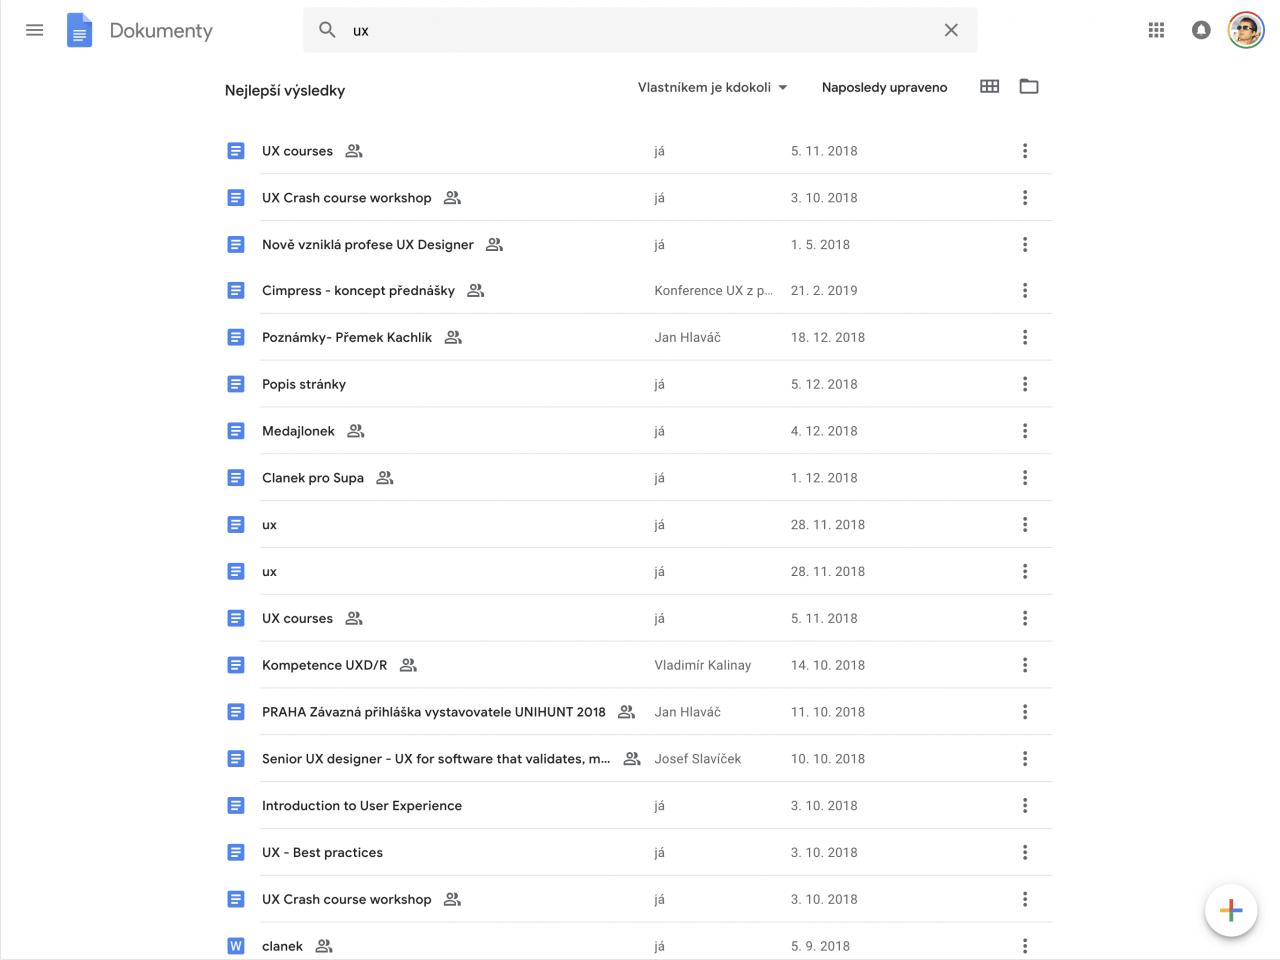 Jak vypadají výsledky vyhledávání na Google Docs.